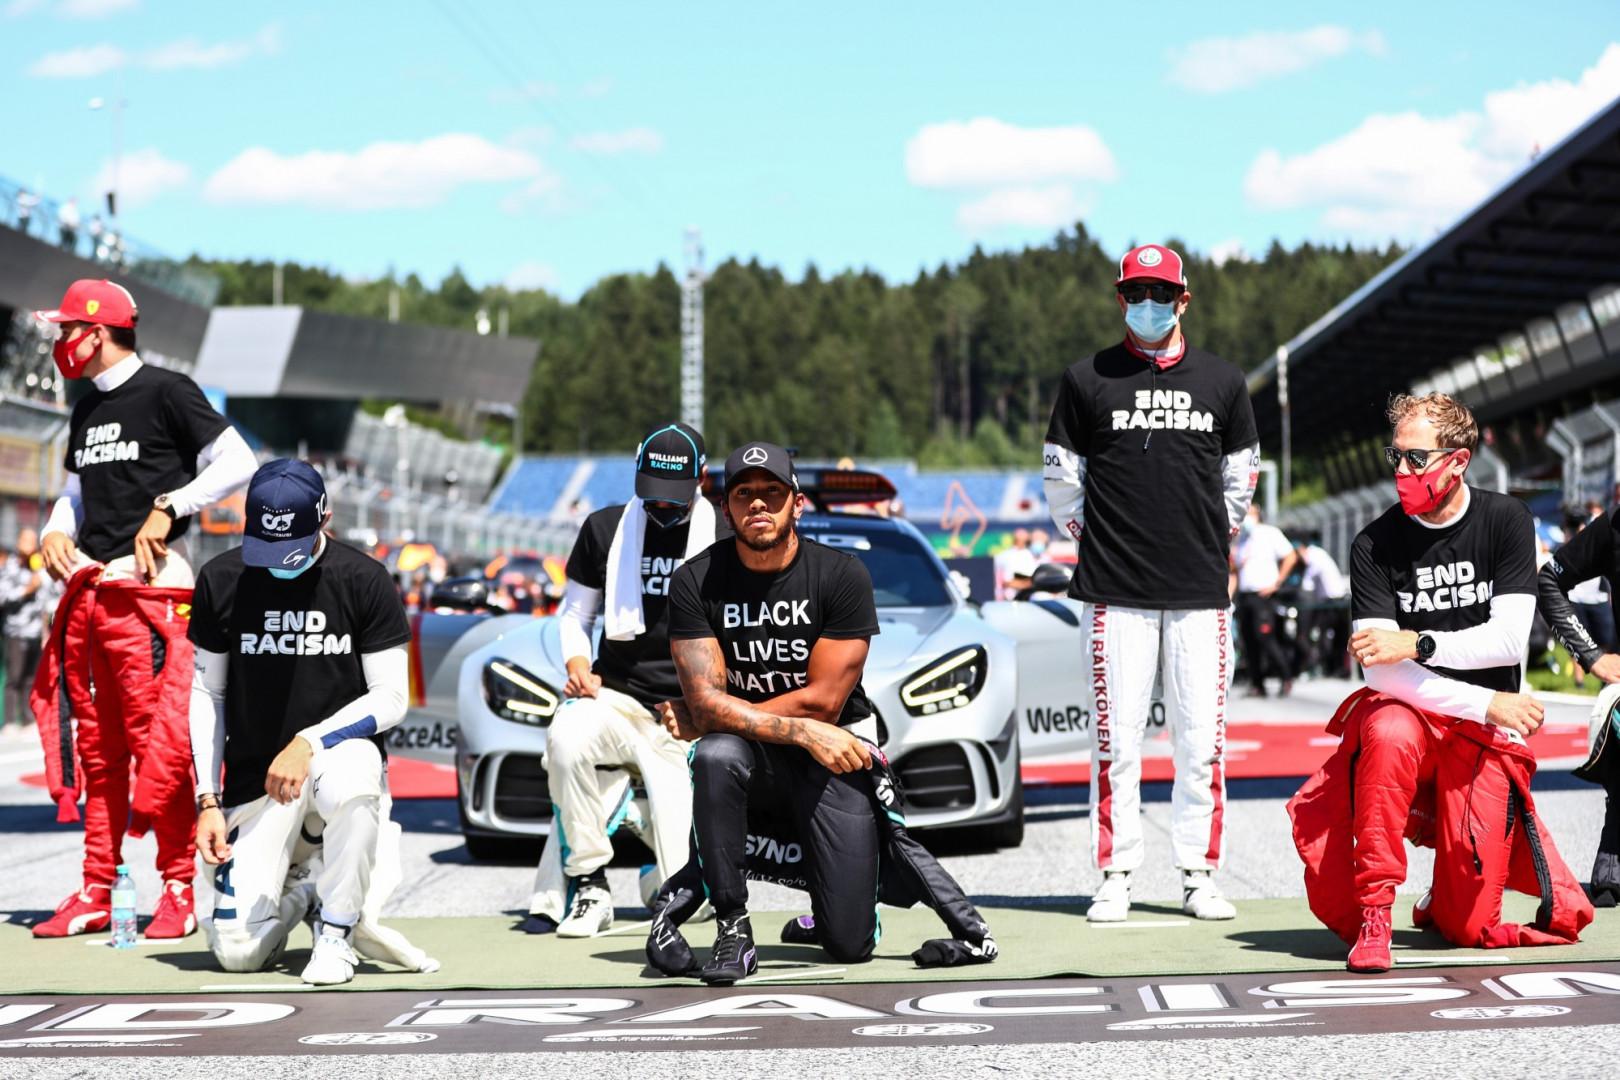 5 juillet : 14 pilotes, dont Lewis Hamilton, posent un genou à terre avant le GP d'Autriche de F1